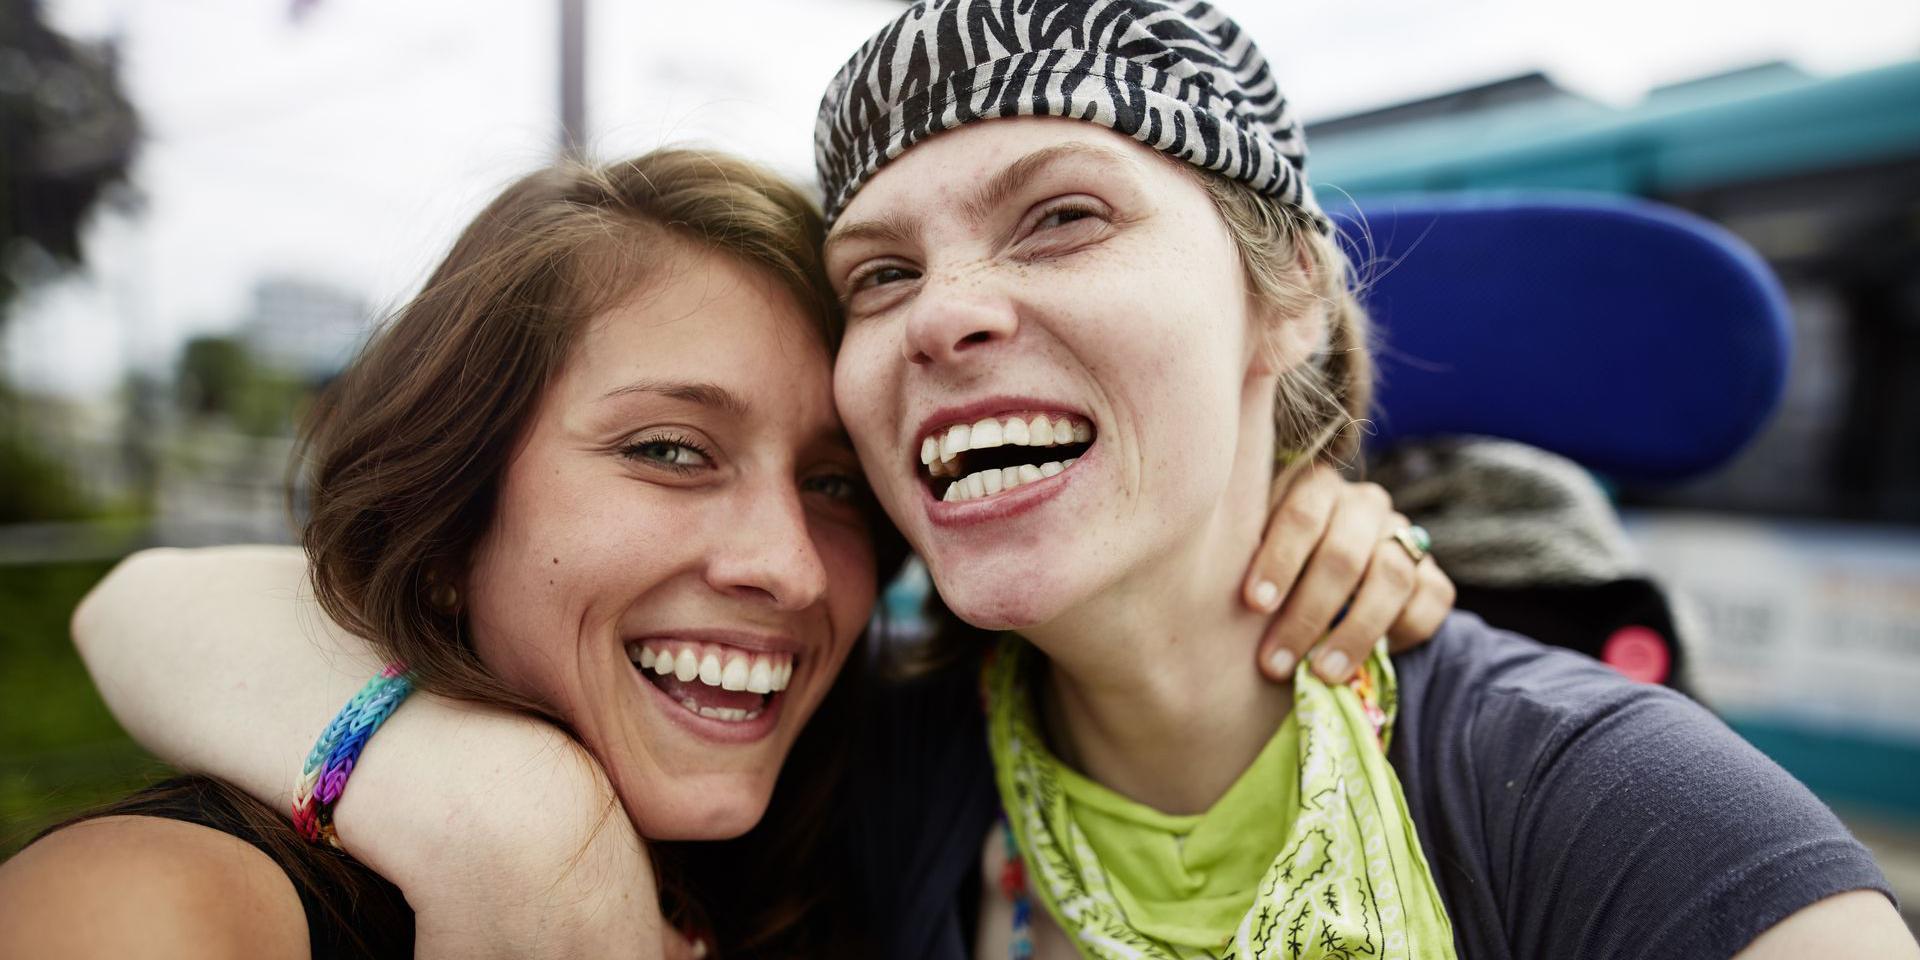 2 lachende Frauen umarmen sich